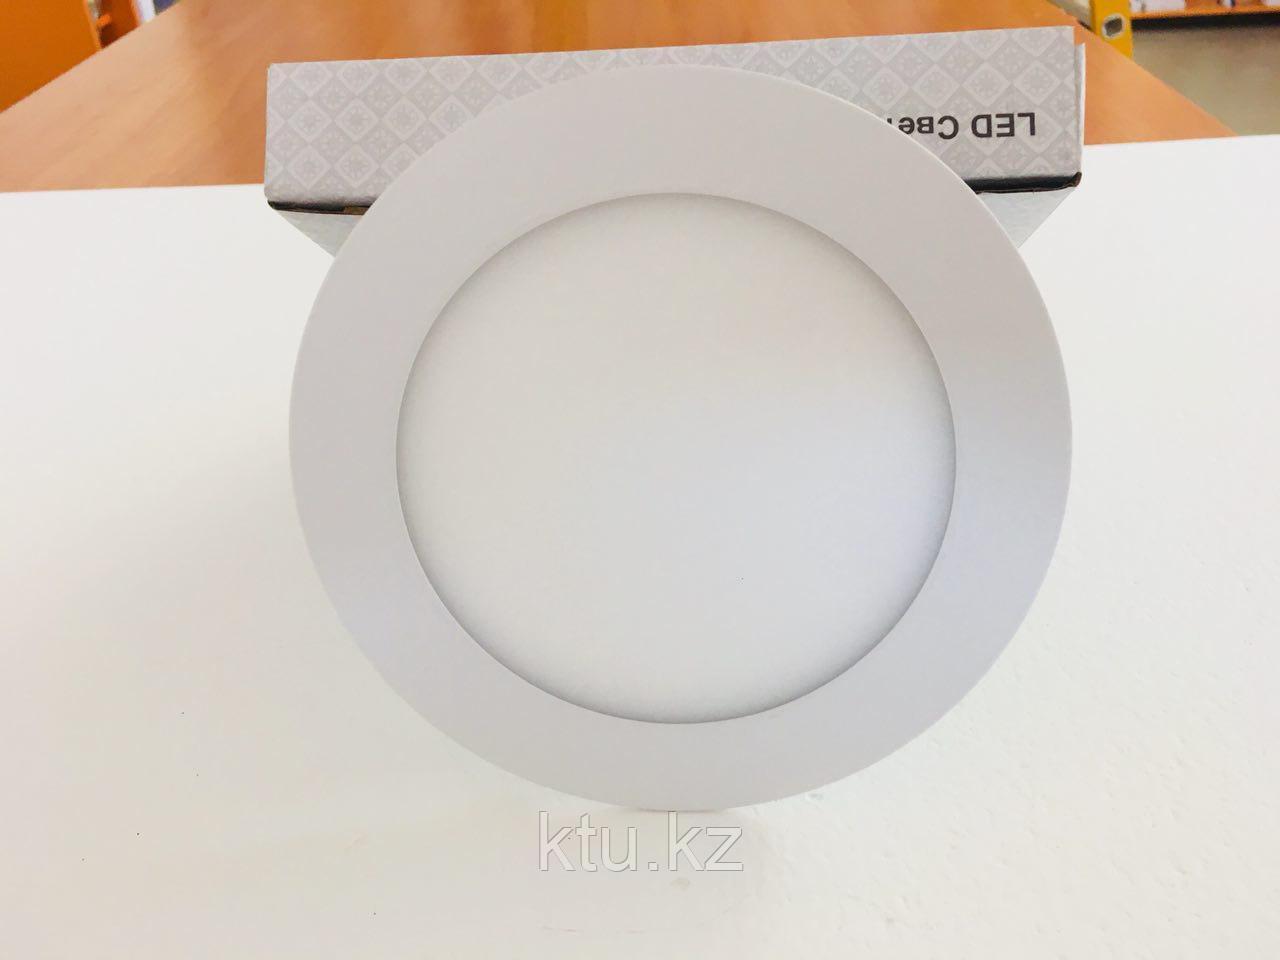 Светилники (споты) JL-F 9W,внутренний 1год гарантия